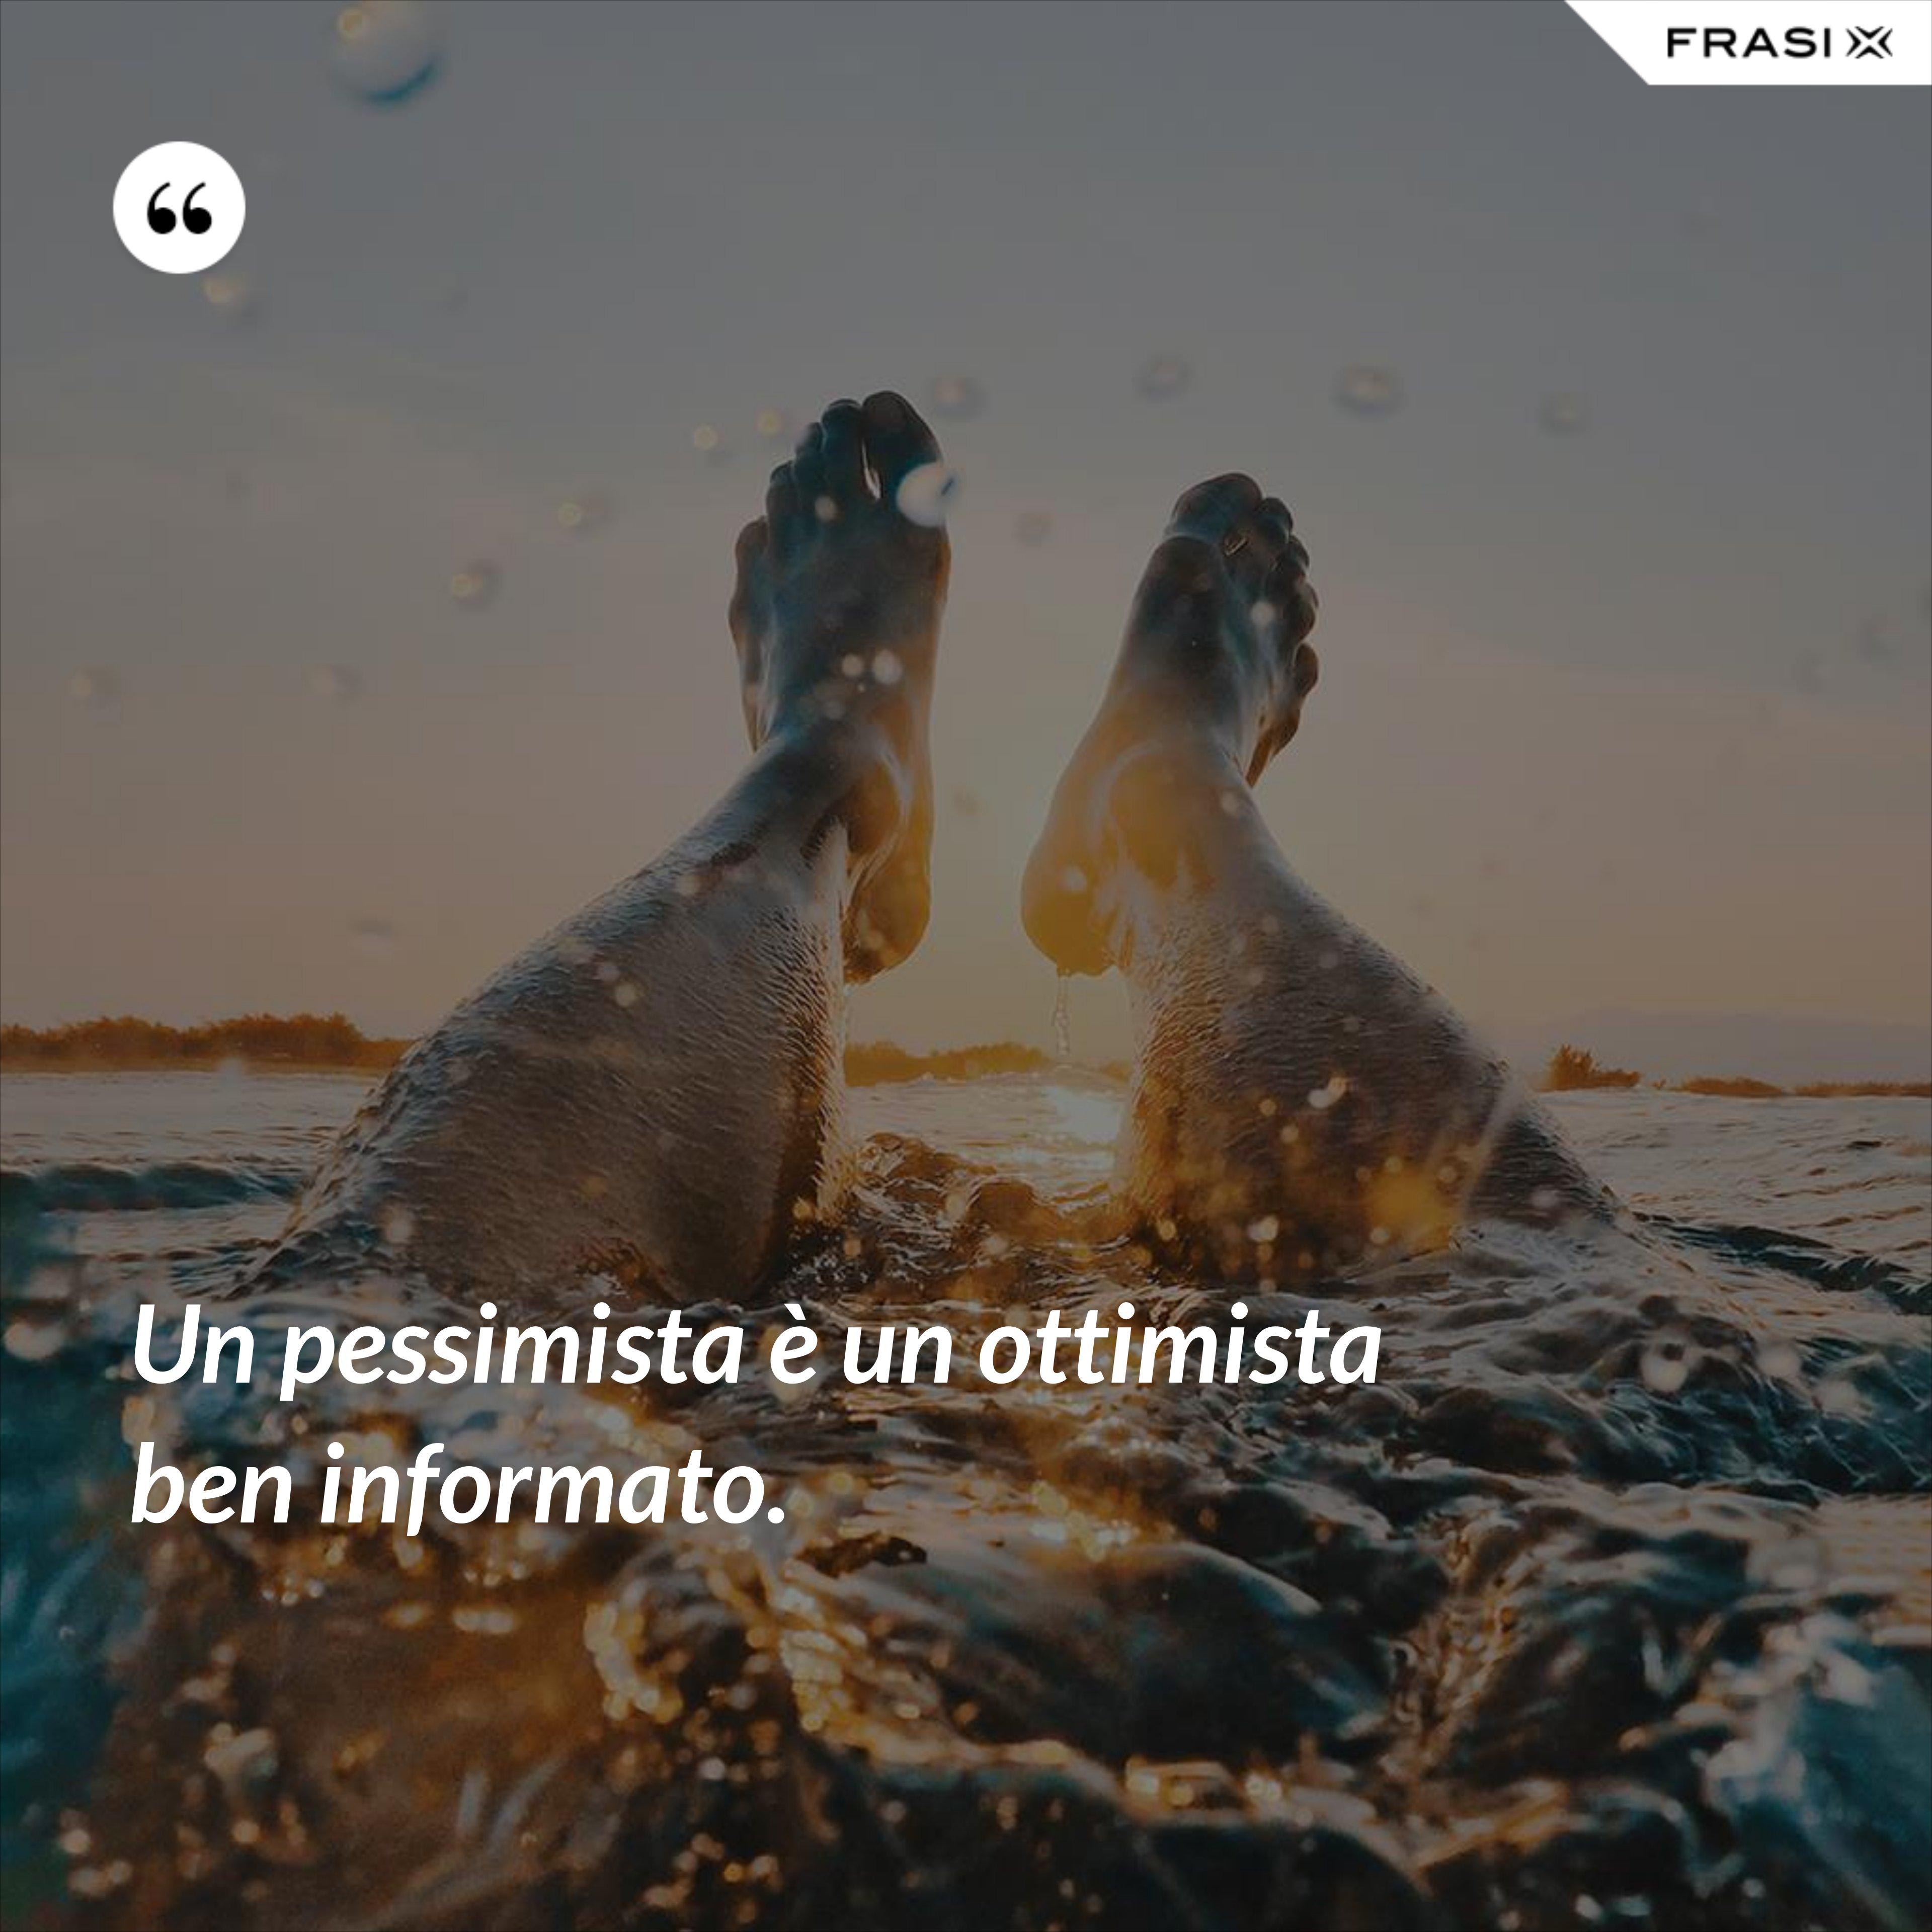 Un pessimista è un ottimista ben informato. - Anonimo